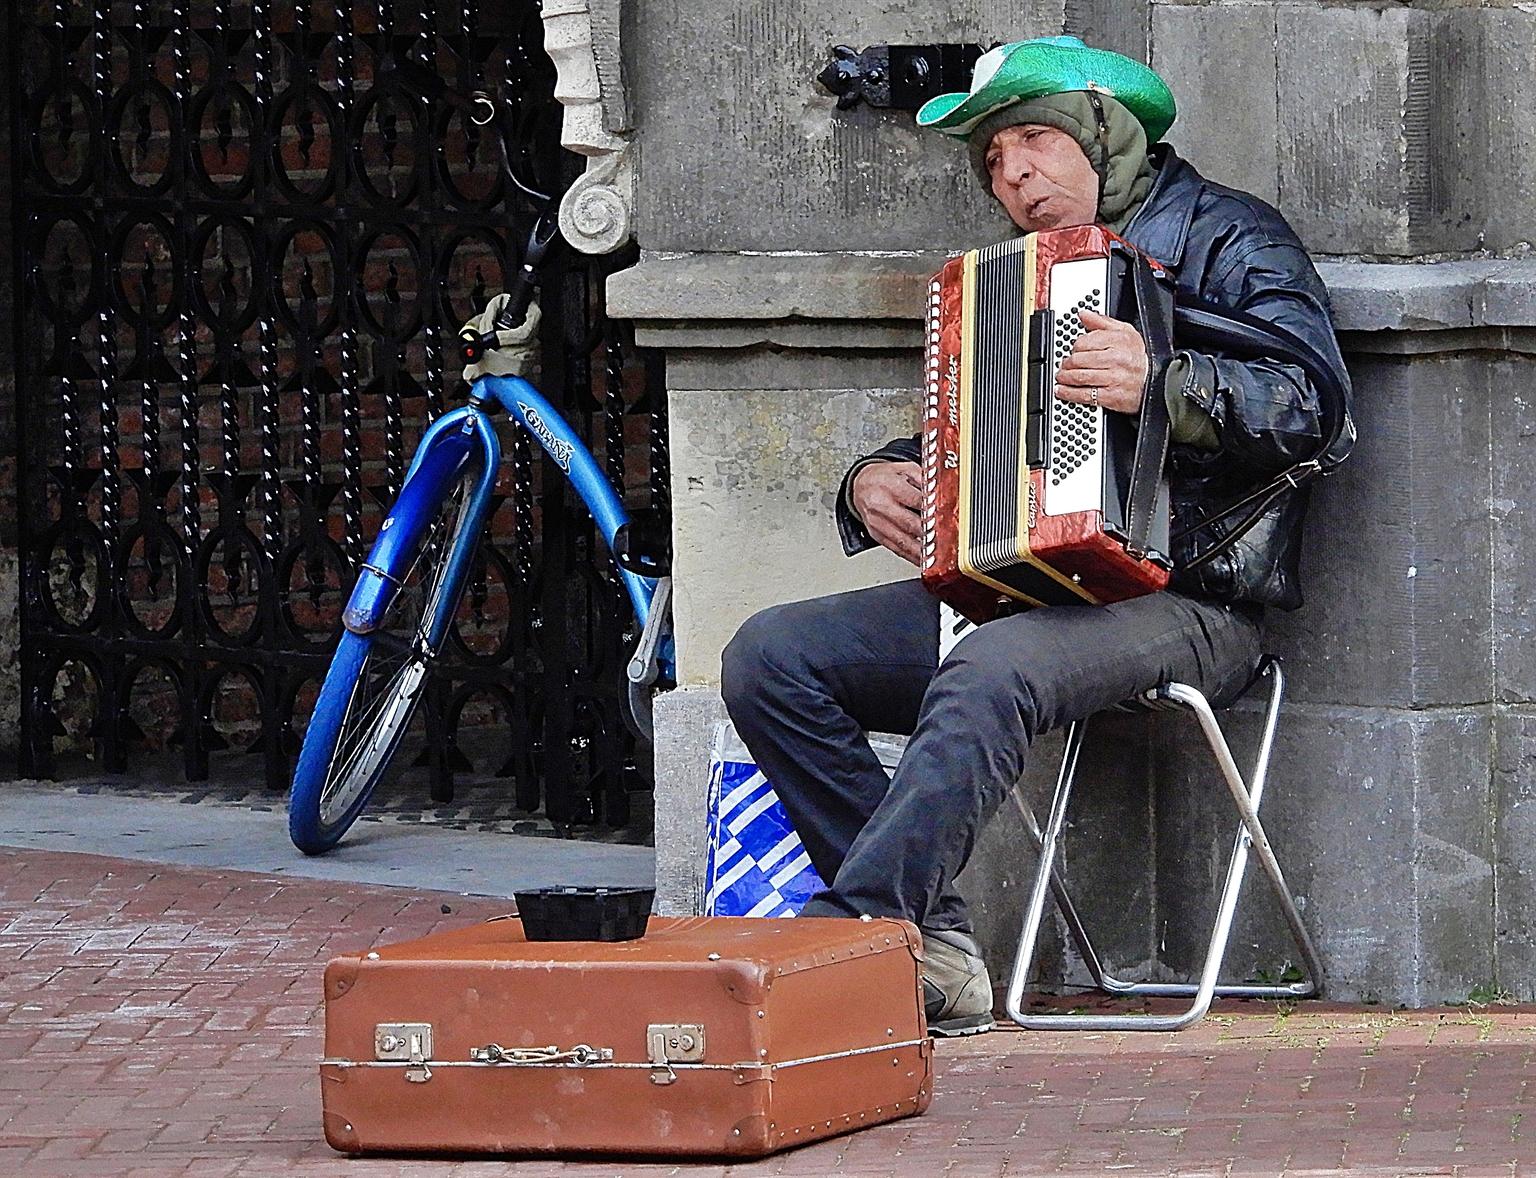 straatmuzikant - de accordeonist speelde zijn deuntjes in de buurt van de wekelijks markt in Arnhem - foto door Tonny1946 op 10-04-2021 - locatie: Arnhem, Nederland - deze foto bevat: muzikant, accordeon, koffer, geldbakje, krukje, boodschappentas, fiets, accordeonist, gratis riet-aerofoon, muziekinstrument, musicus, trekharmonica, mode, straatmode, muziek, accordeon, volksinstrument